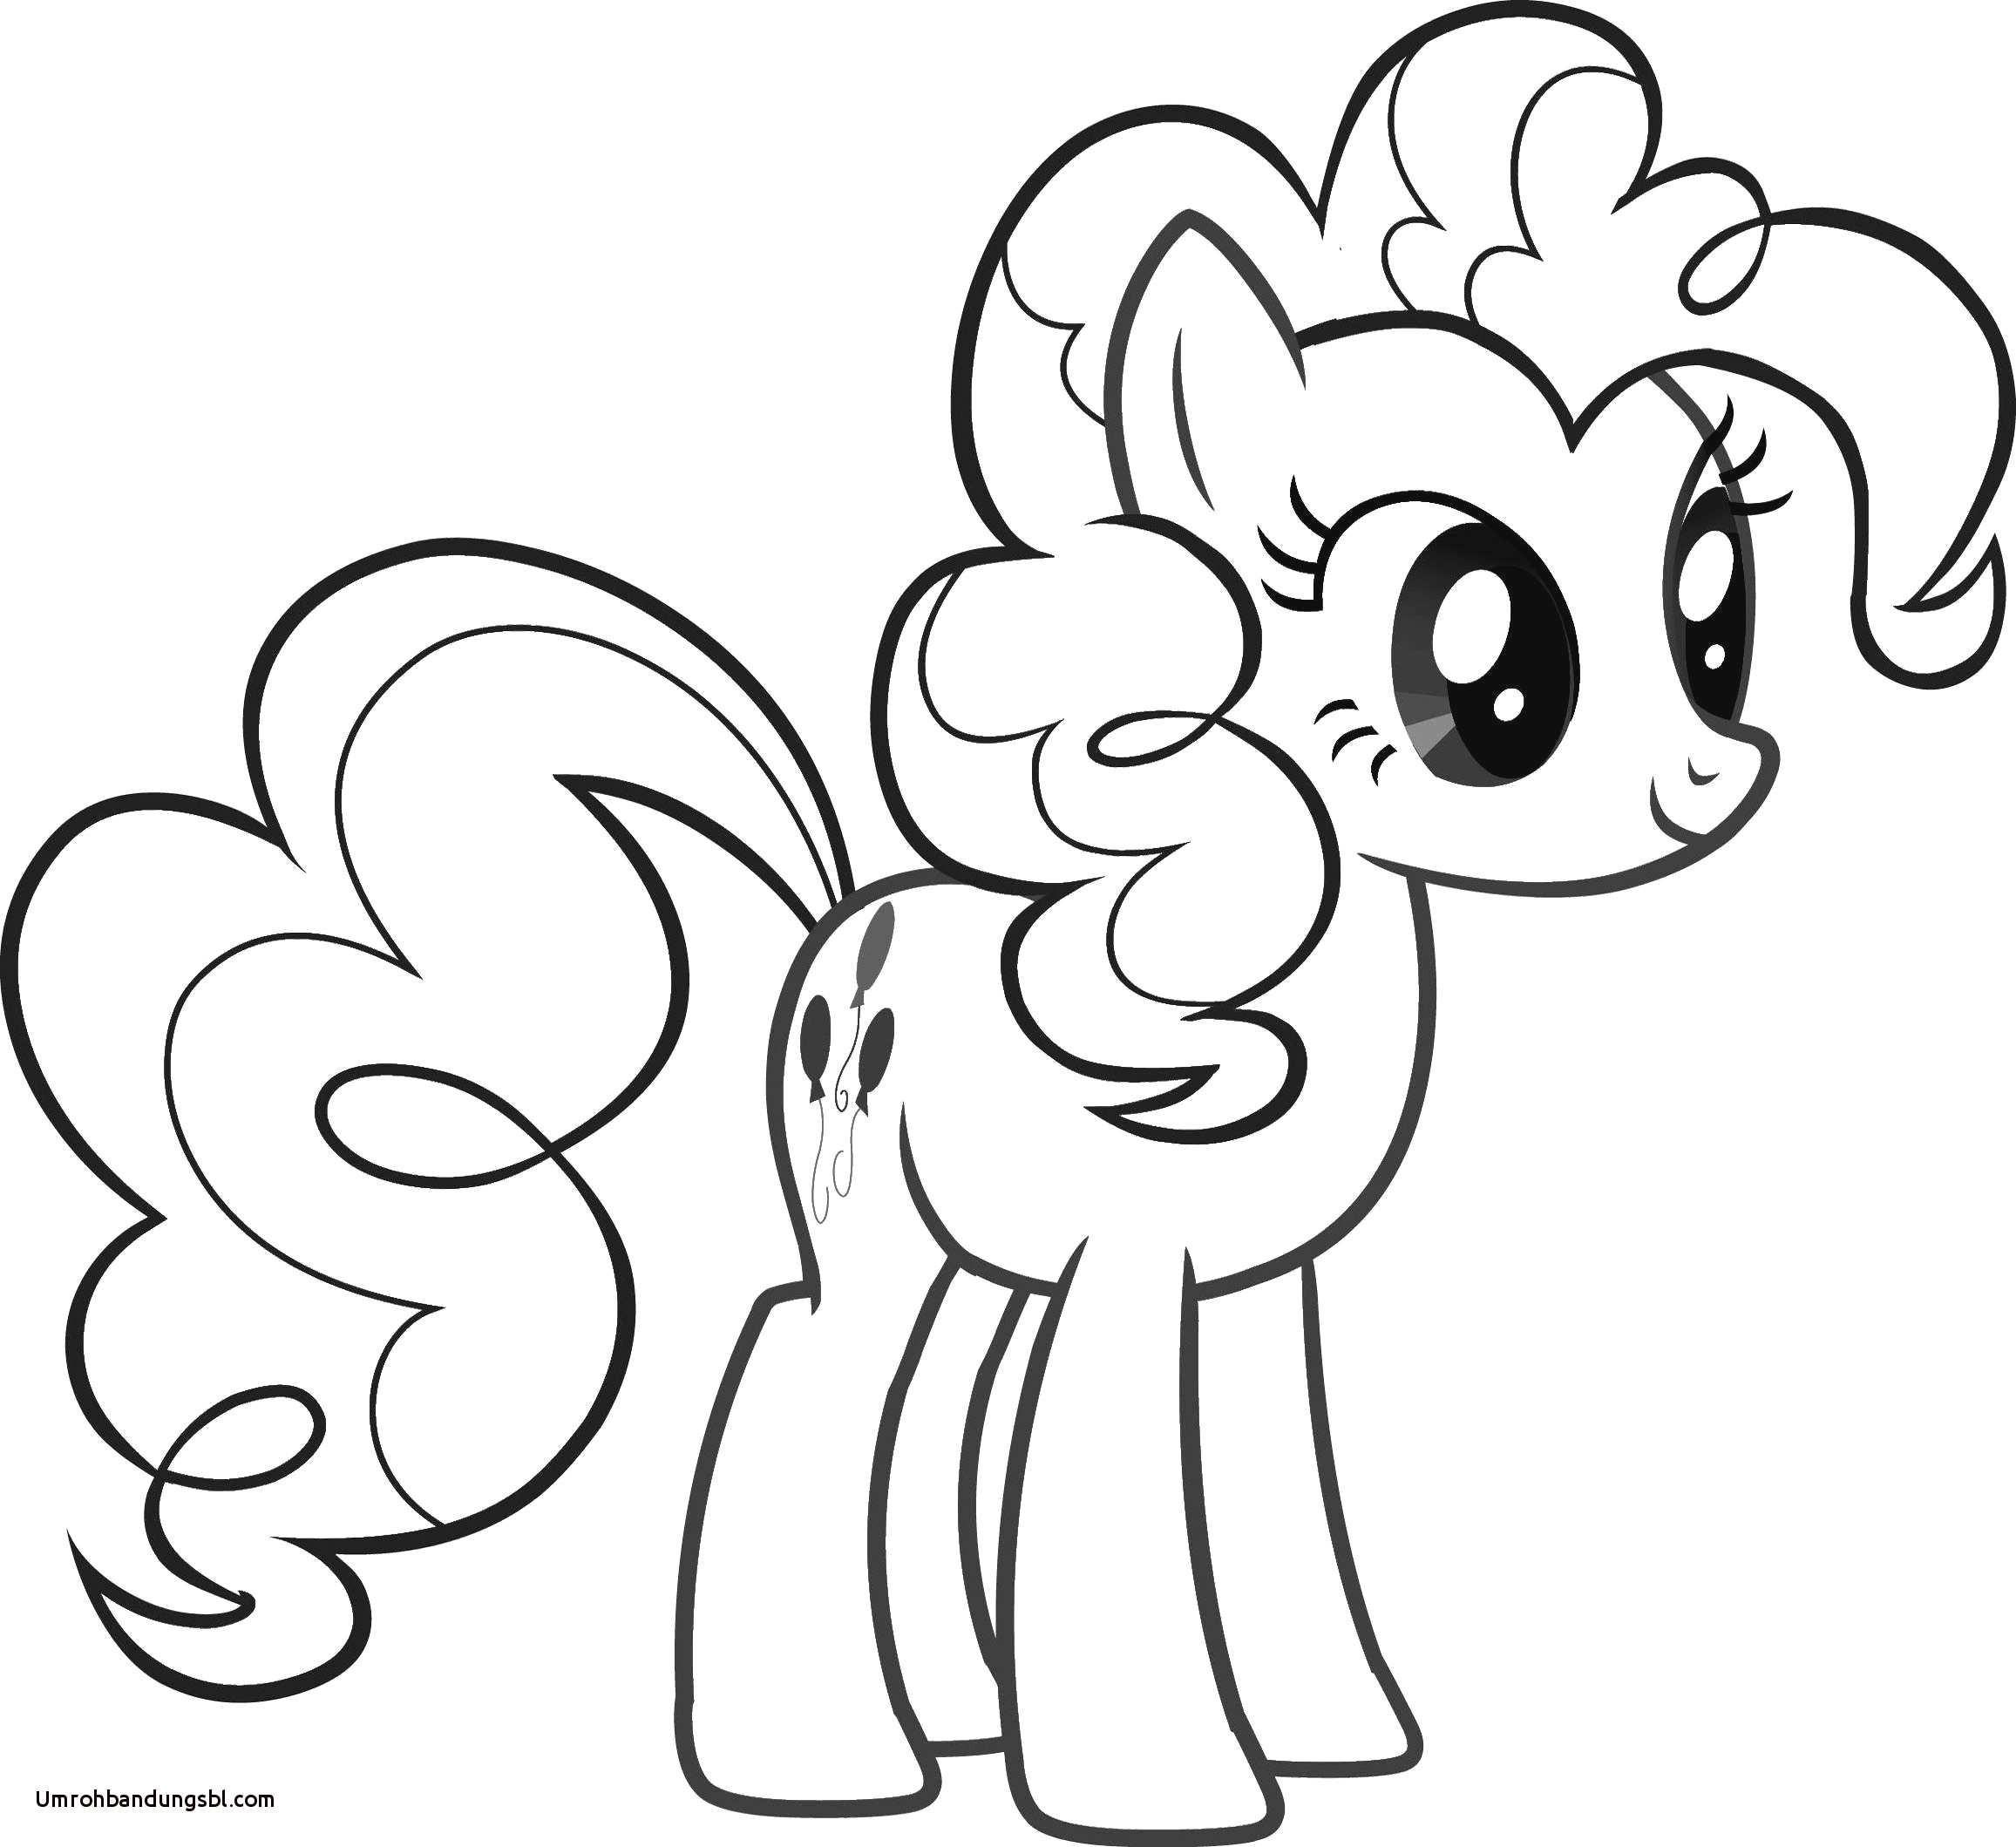 My Little Pony Pinkie Pie Ausmalbilder Neu Pinkie Pie Coloring Pages Best My Little Pony Apple Bloom Bild